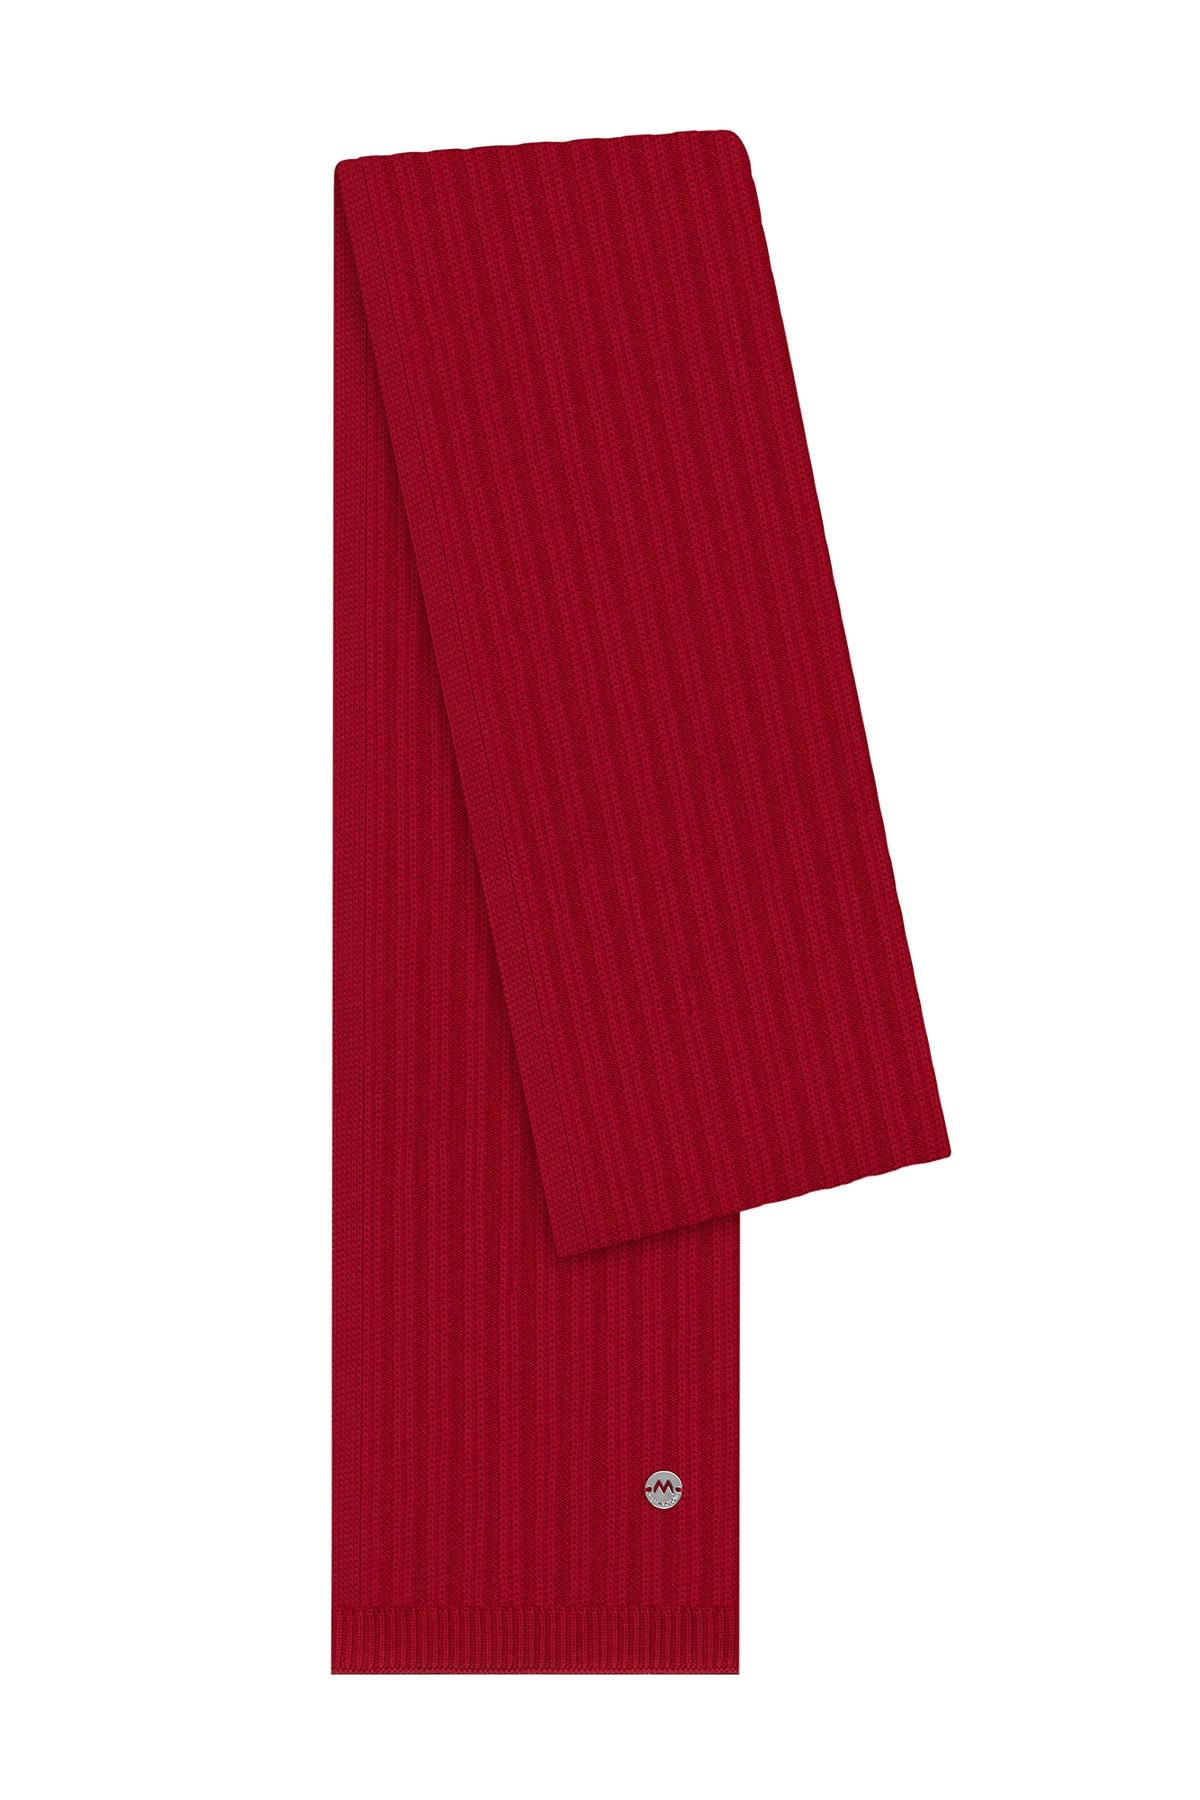 Hemington Erkek Kırmızı Yün Atkı 1